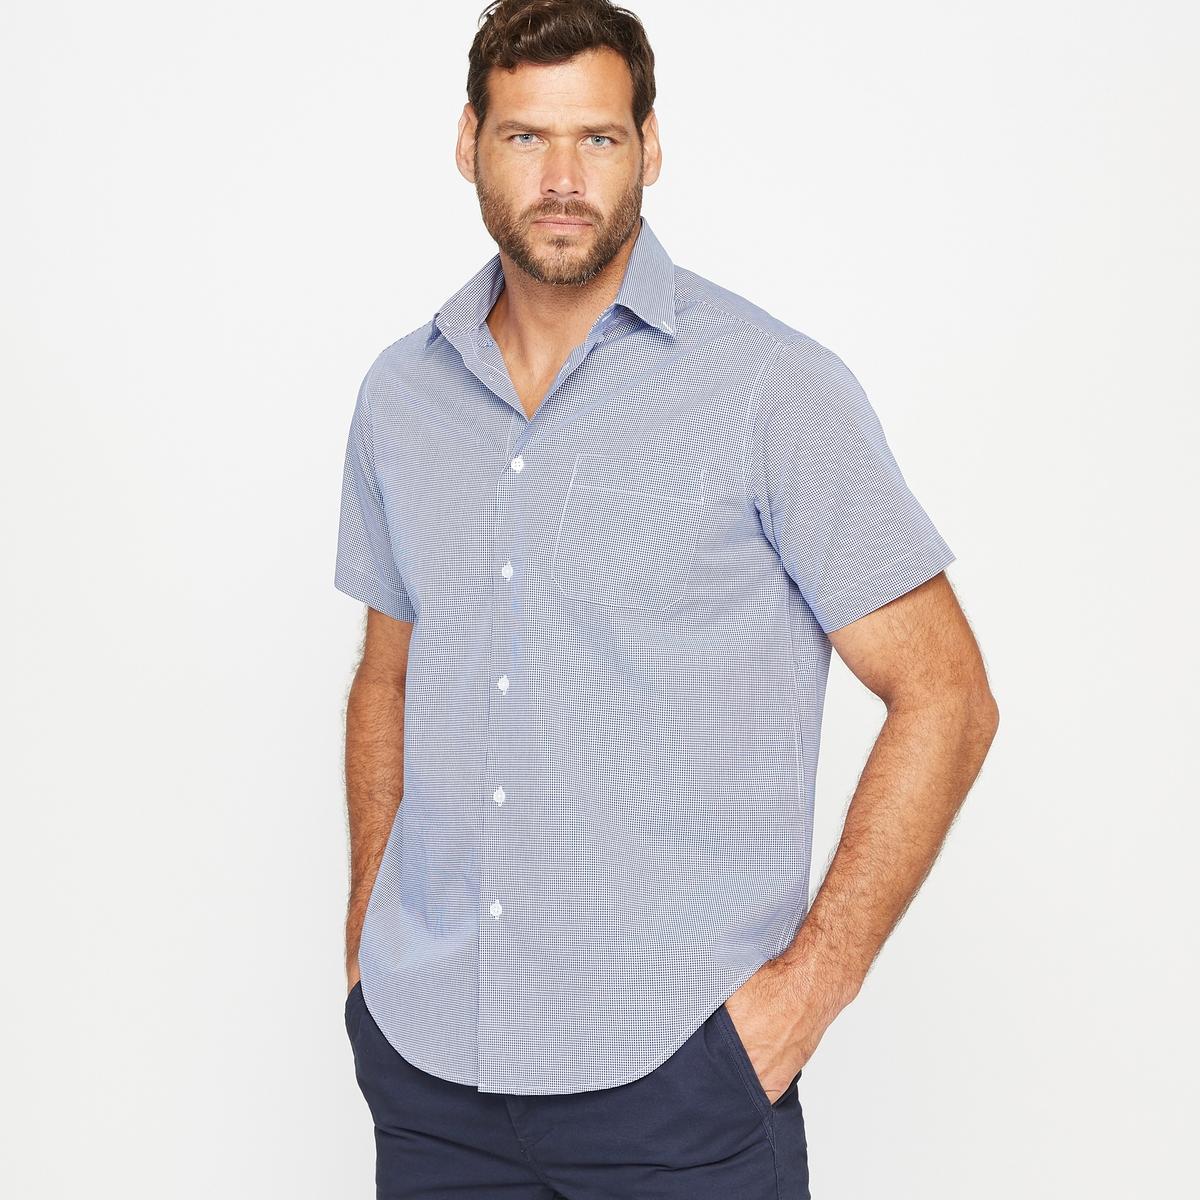 Рубашка, рост 3 (от 187 см)Рубашка из поплина на рост 3 (от 187 см).Удобный покрой.Воротник с уголками на пуговицах.Короткие рукава.1 нагрудный карман.2 складки на спине. Слегка закругленный низ.Эта мужская рубашка существует также на рост 1 и 2 (до 187 см).Материал : поплин из 100% хлопка.Рост 3  : Длина передней части от 83 до 90 см, в зависимости от размера.Марка : CASTALUNA FOR MEN.Уход : Машинная стирка при 30 °C.<br><br>Цвет: в полоску белый/синий,наб. рисунок темно-синий,наб.рисунок/антрацит<br>Размер: 51/52.41/42.53/54.51/52.55/56.51/52.49/50.47/48.45/46.45/46